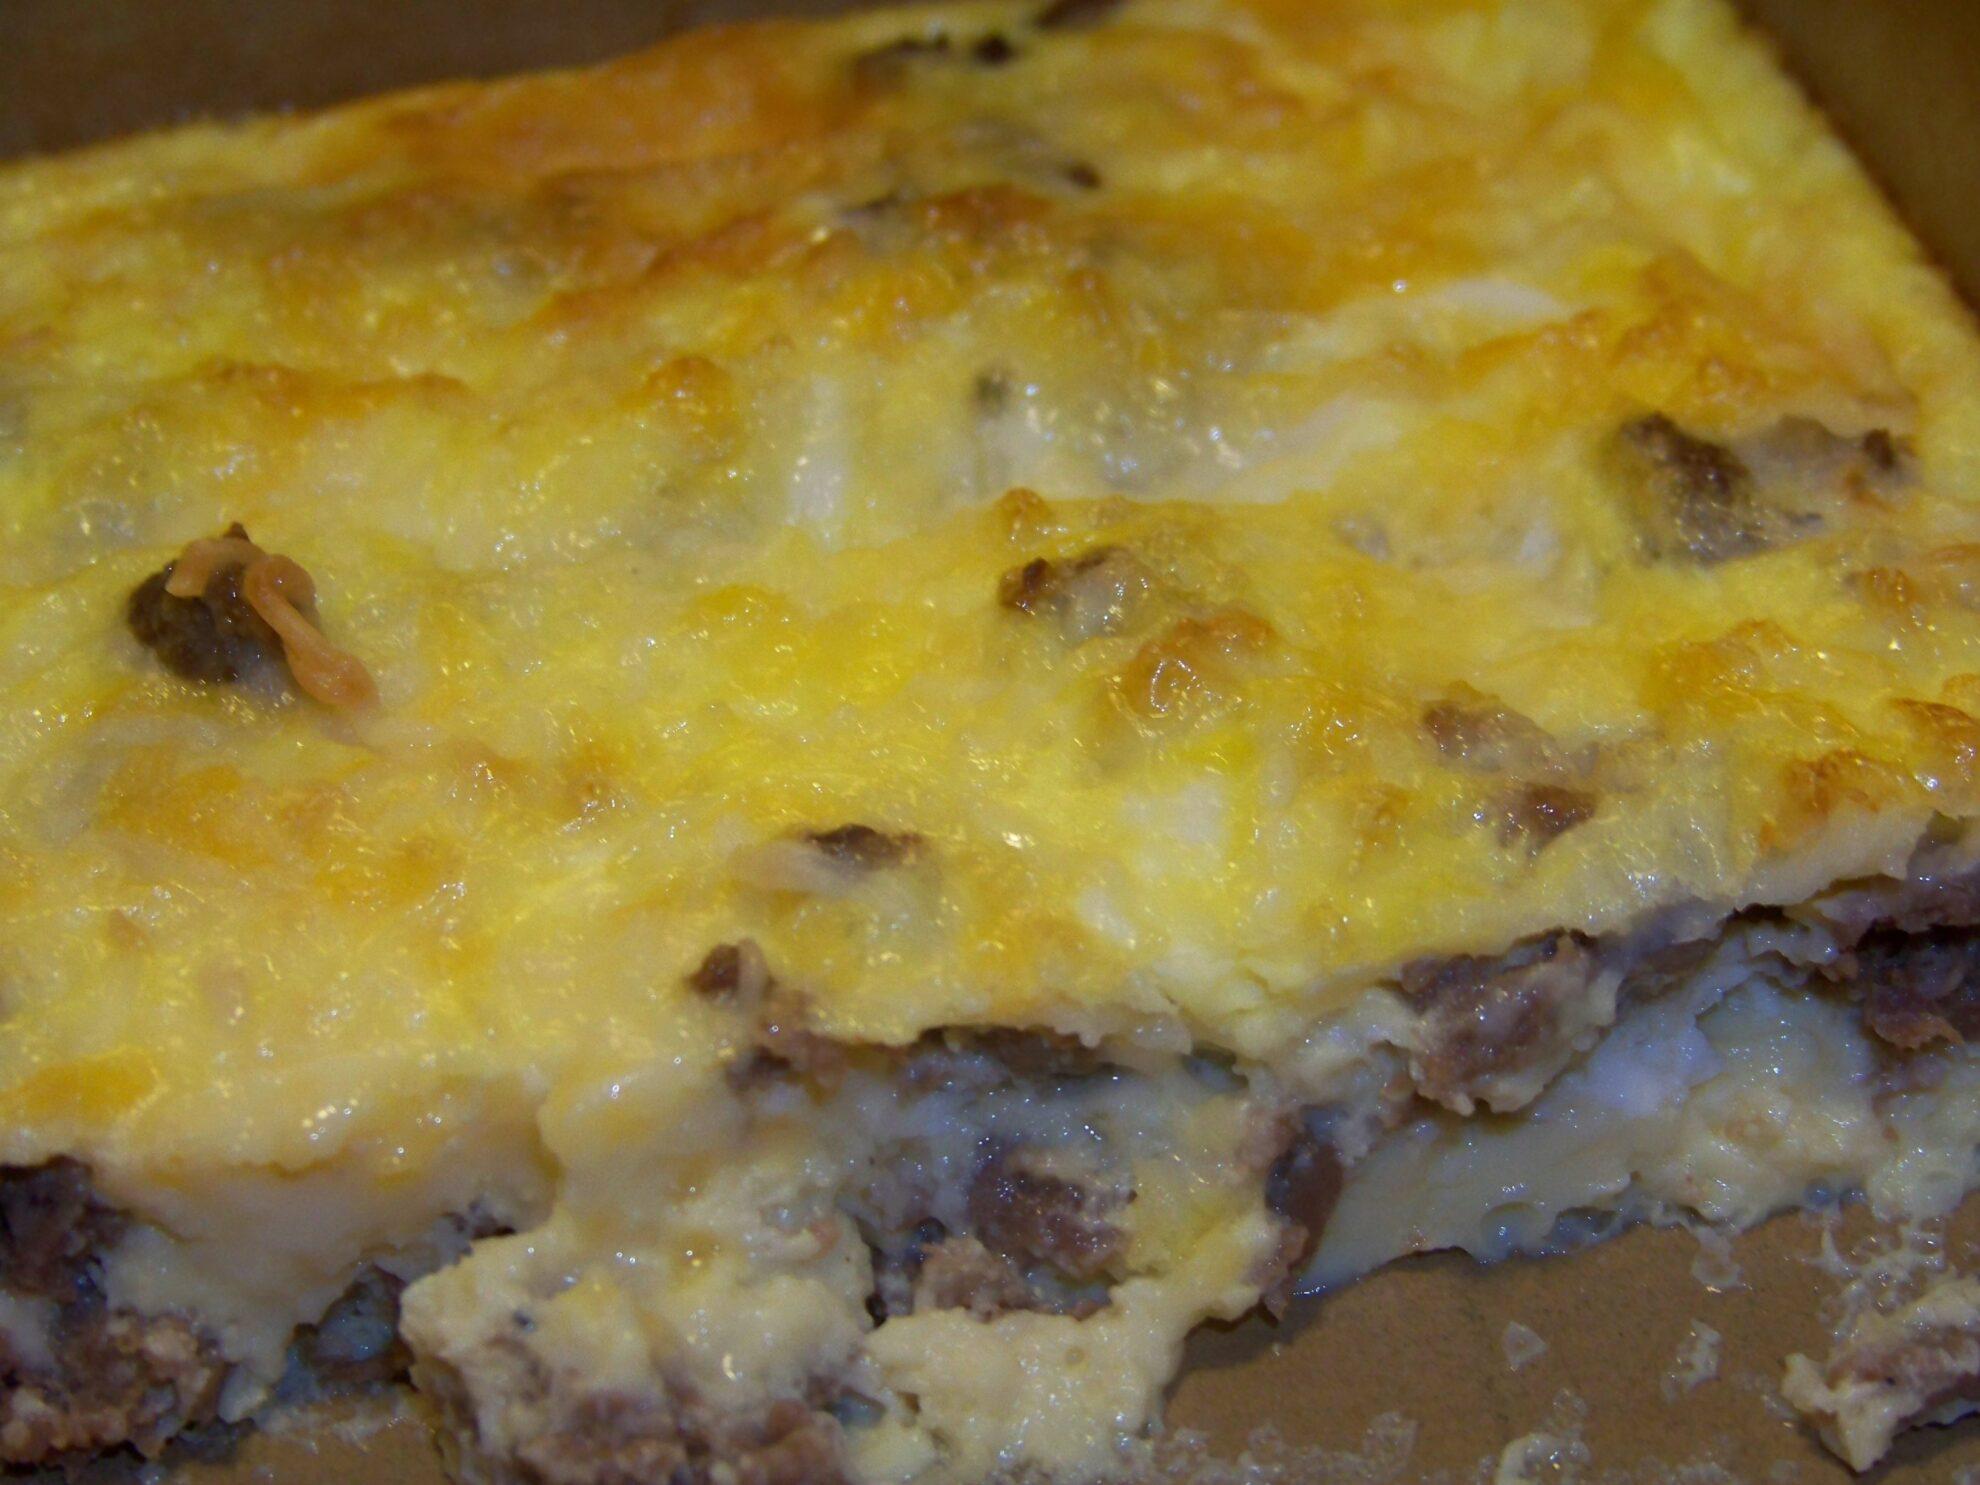 Egg casserole recipes low carb